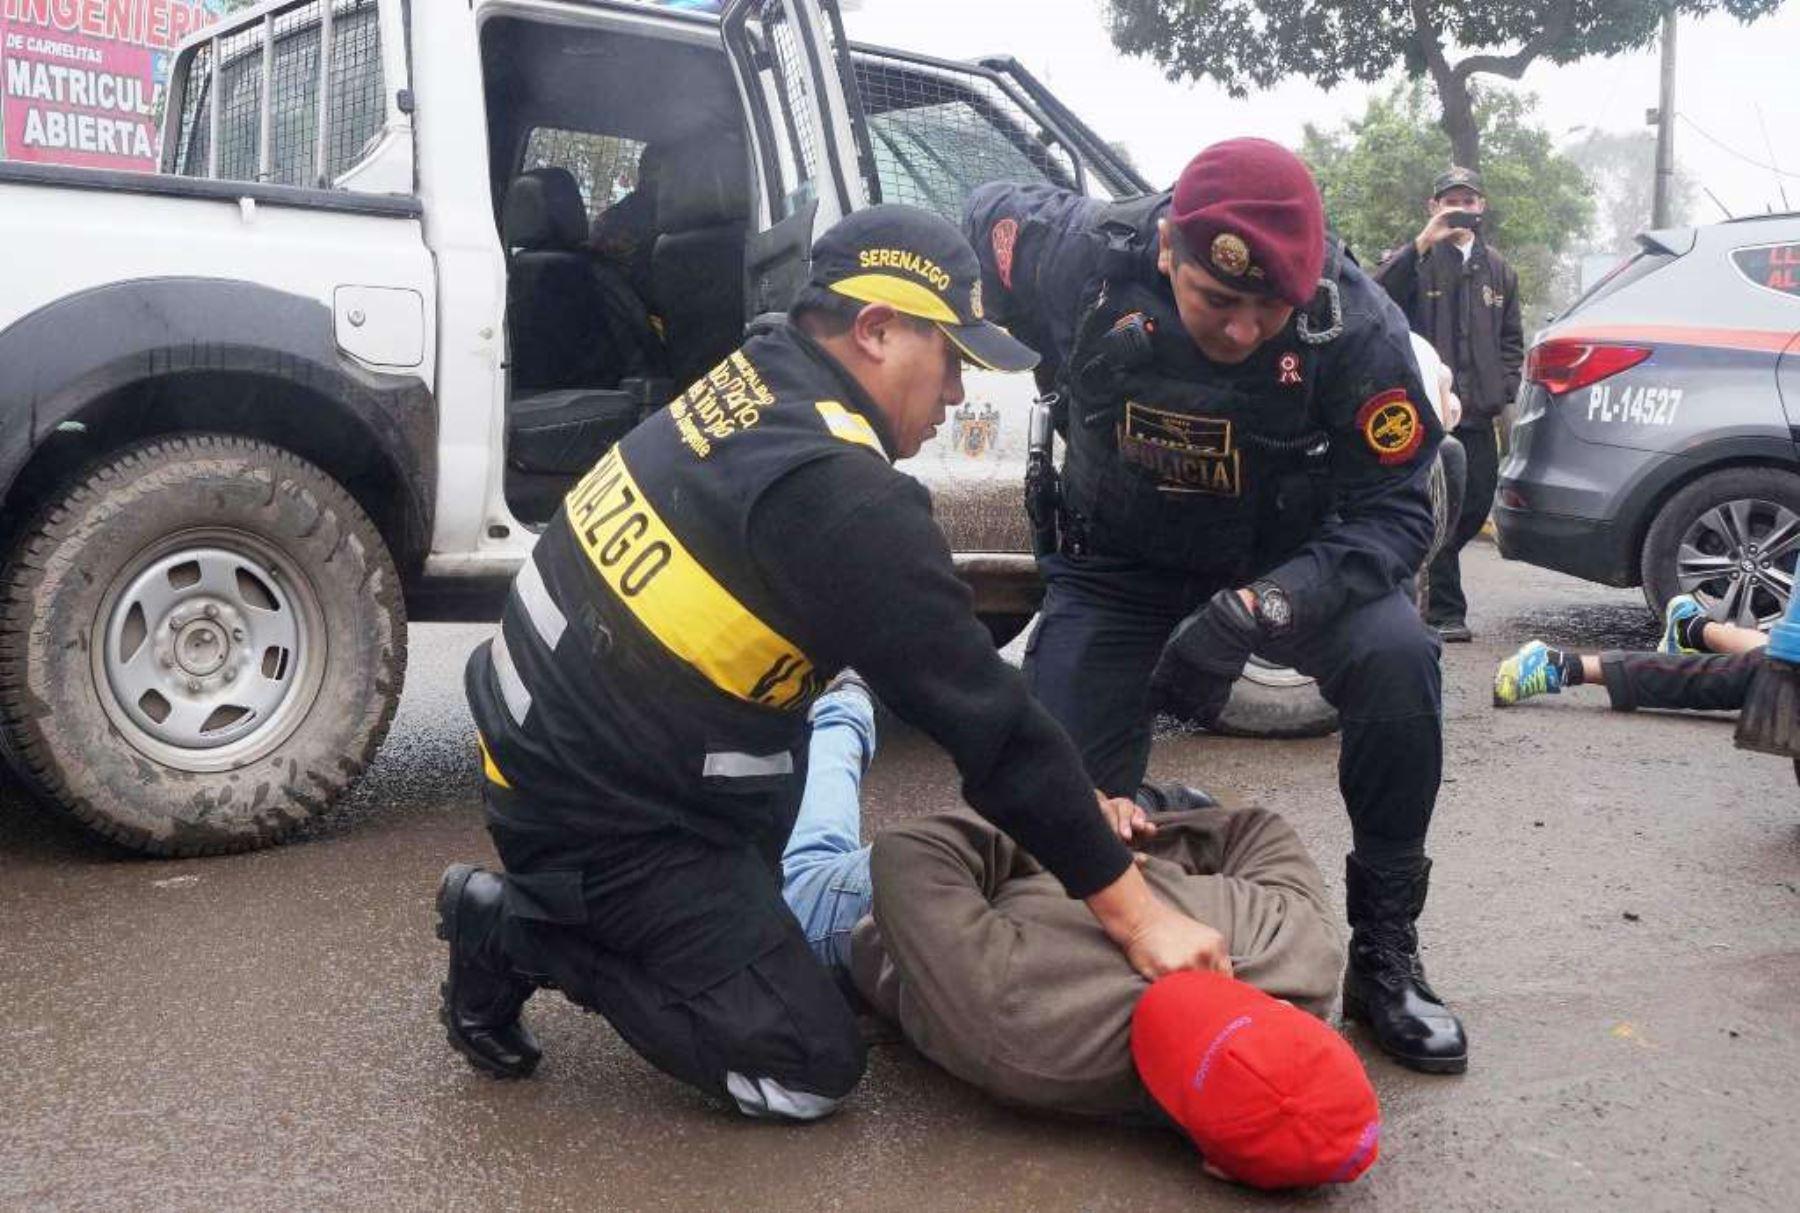 Plan de seguridad ciudadana para los próximos 100 días presentó Ministerio del Interior. ANDINA/Difusión